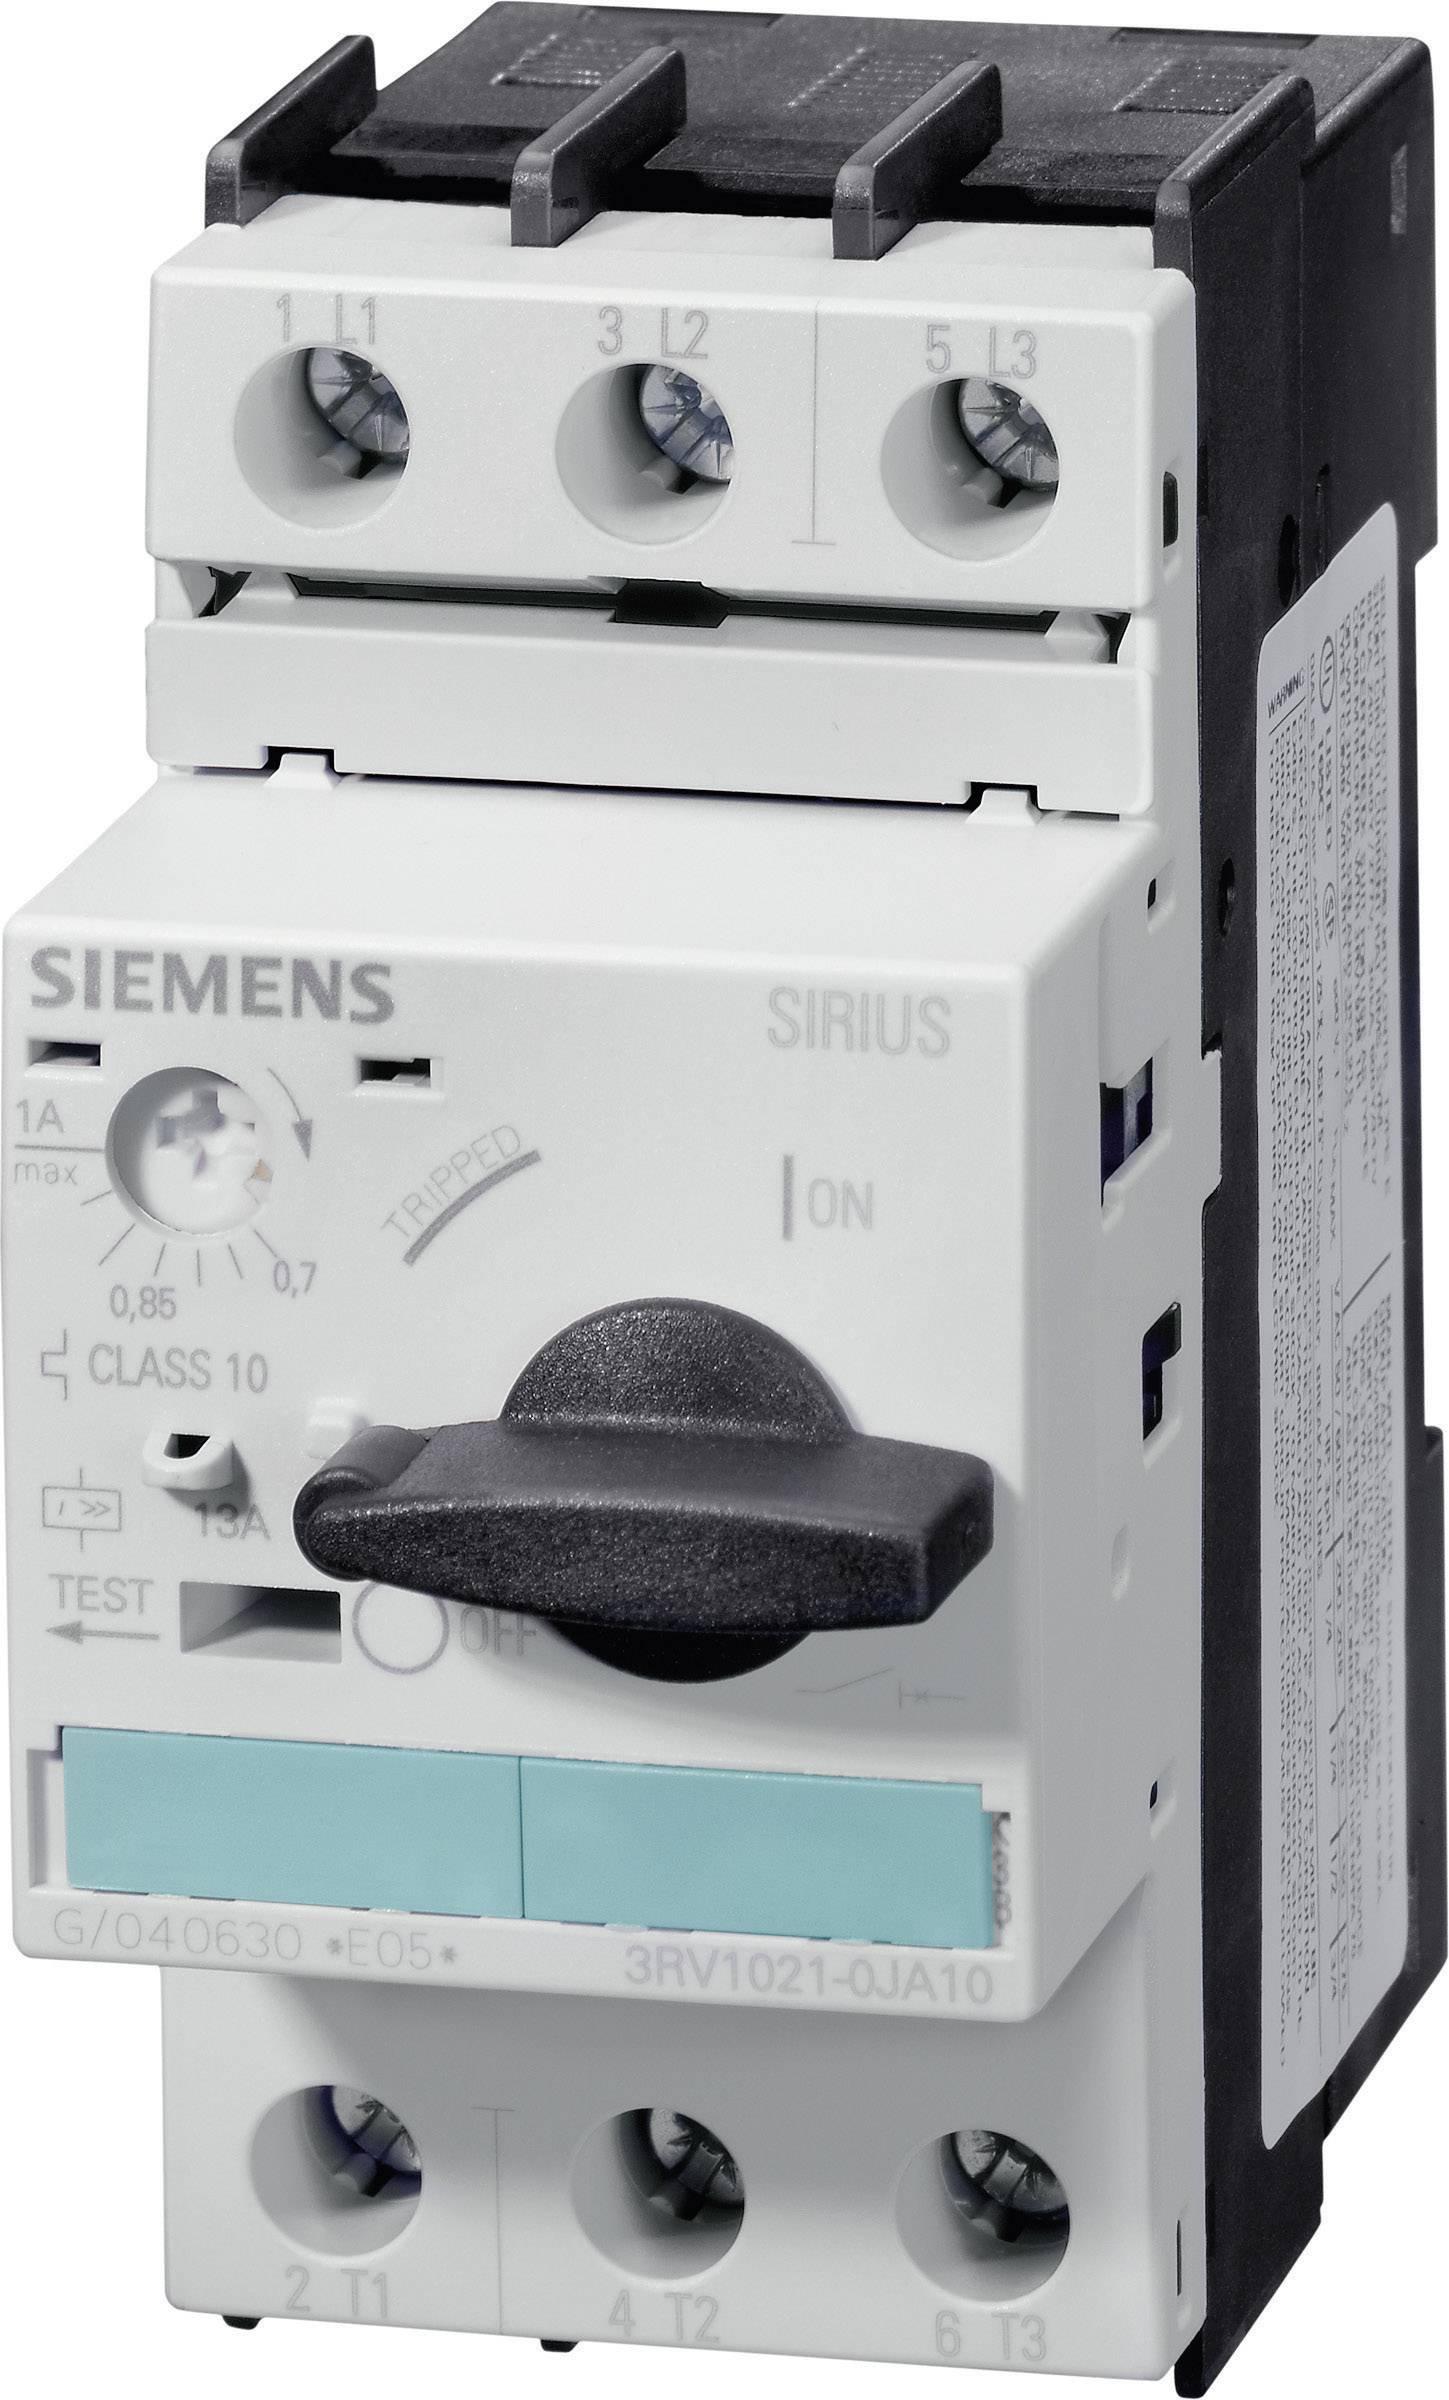 Výkonový spínač Siemens 3RV1021-1HA10, 5,50 - 8,00 A